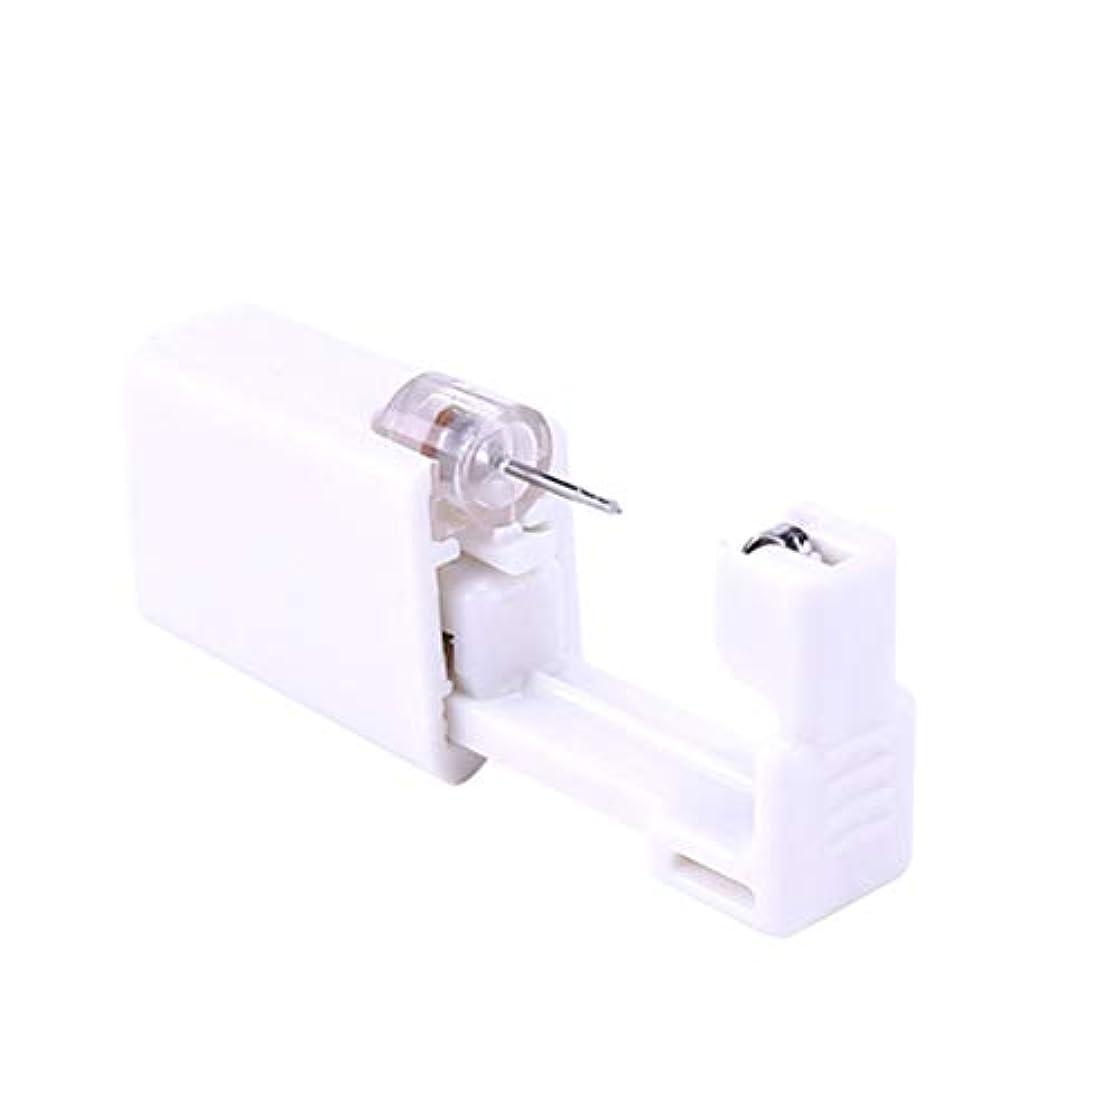 差し控える居間剃るSUPVOX 2本使い捨て耳ピアスガンボディピアスガンピアスツールピアスデバイス(ホワイト)